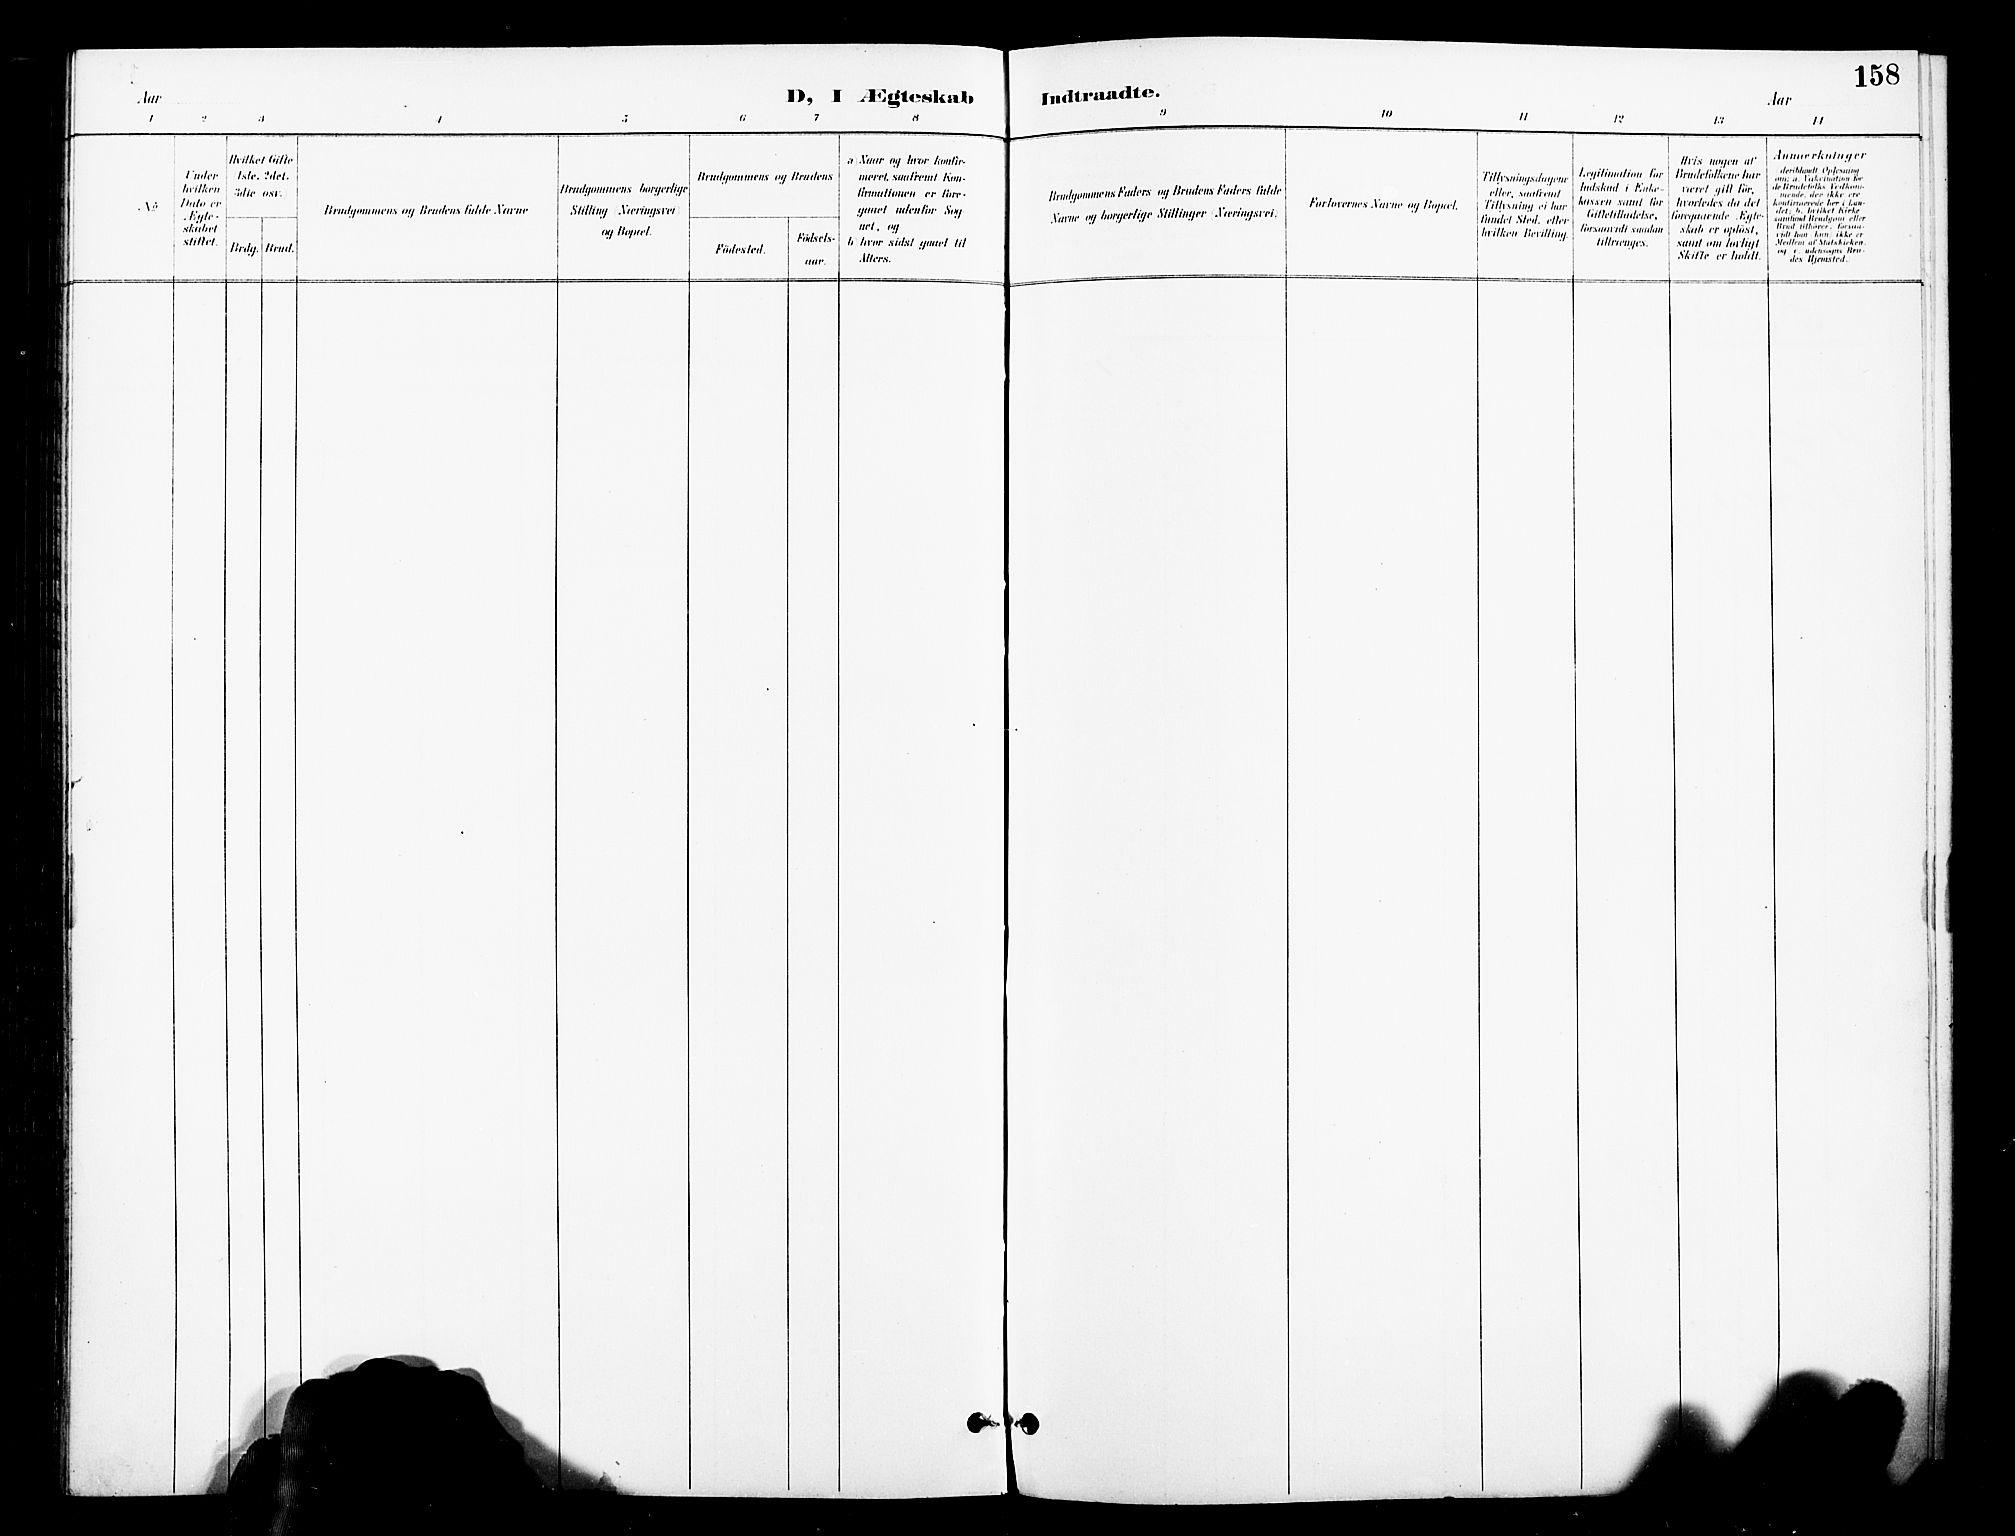 SAT, Ministerialprotokoller, klokkerbøker og fødselsregistre - Nord-Trøndelag, 739/L0372: Ministerialbok nr. 739A04, 1895-1903, s. 158